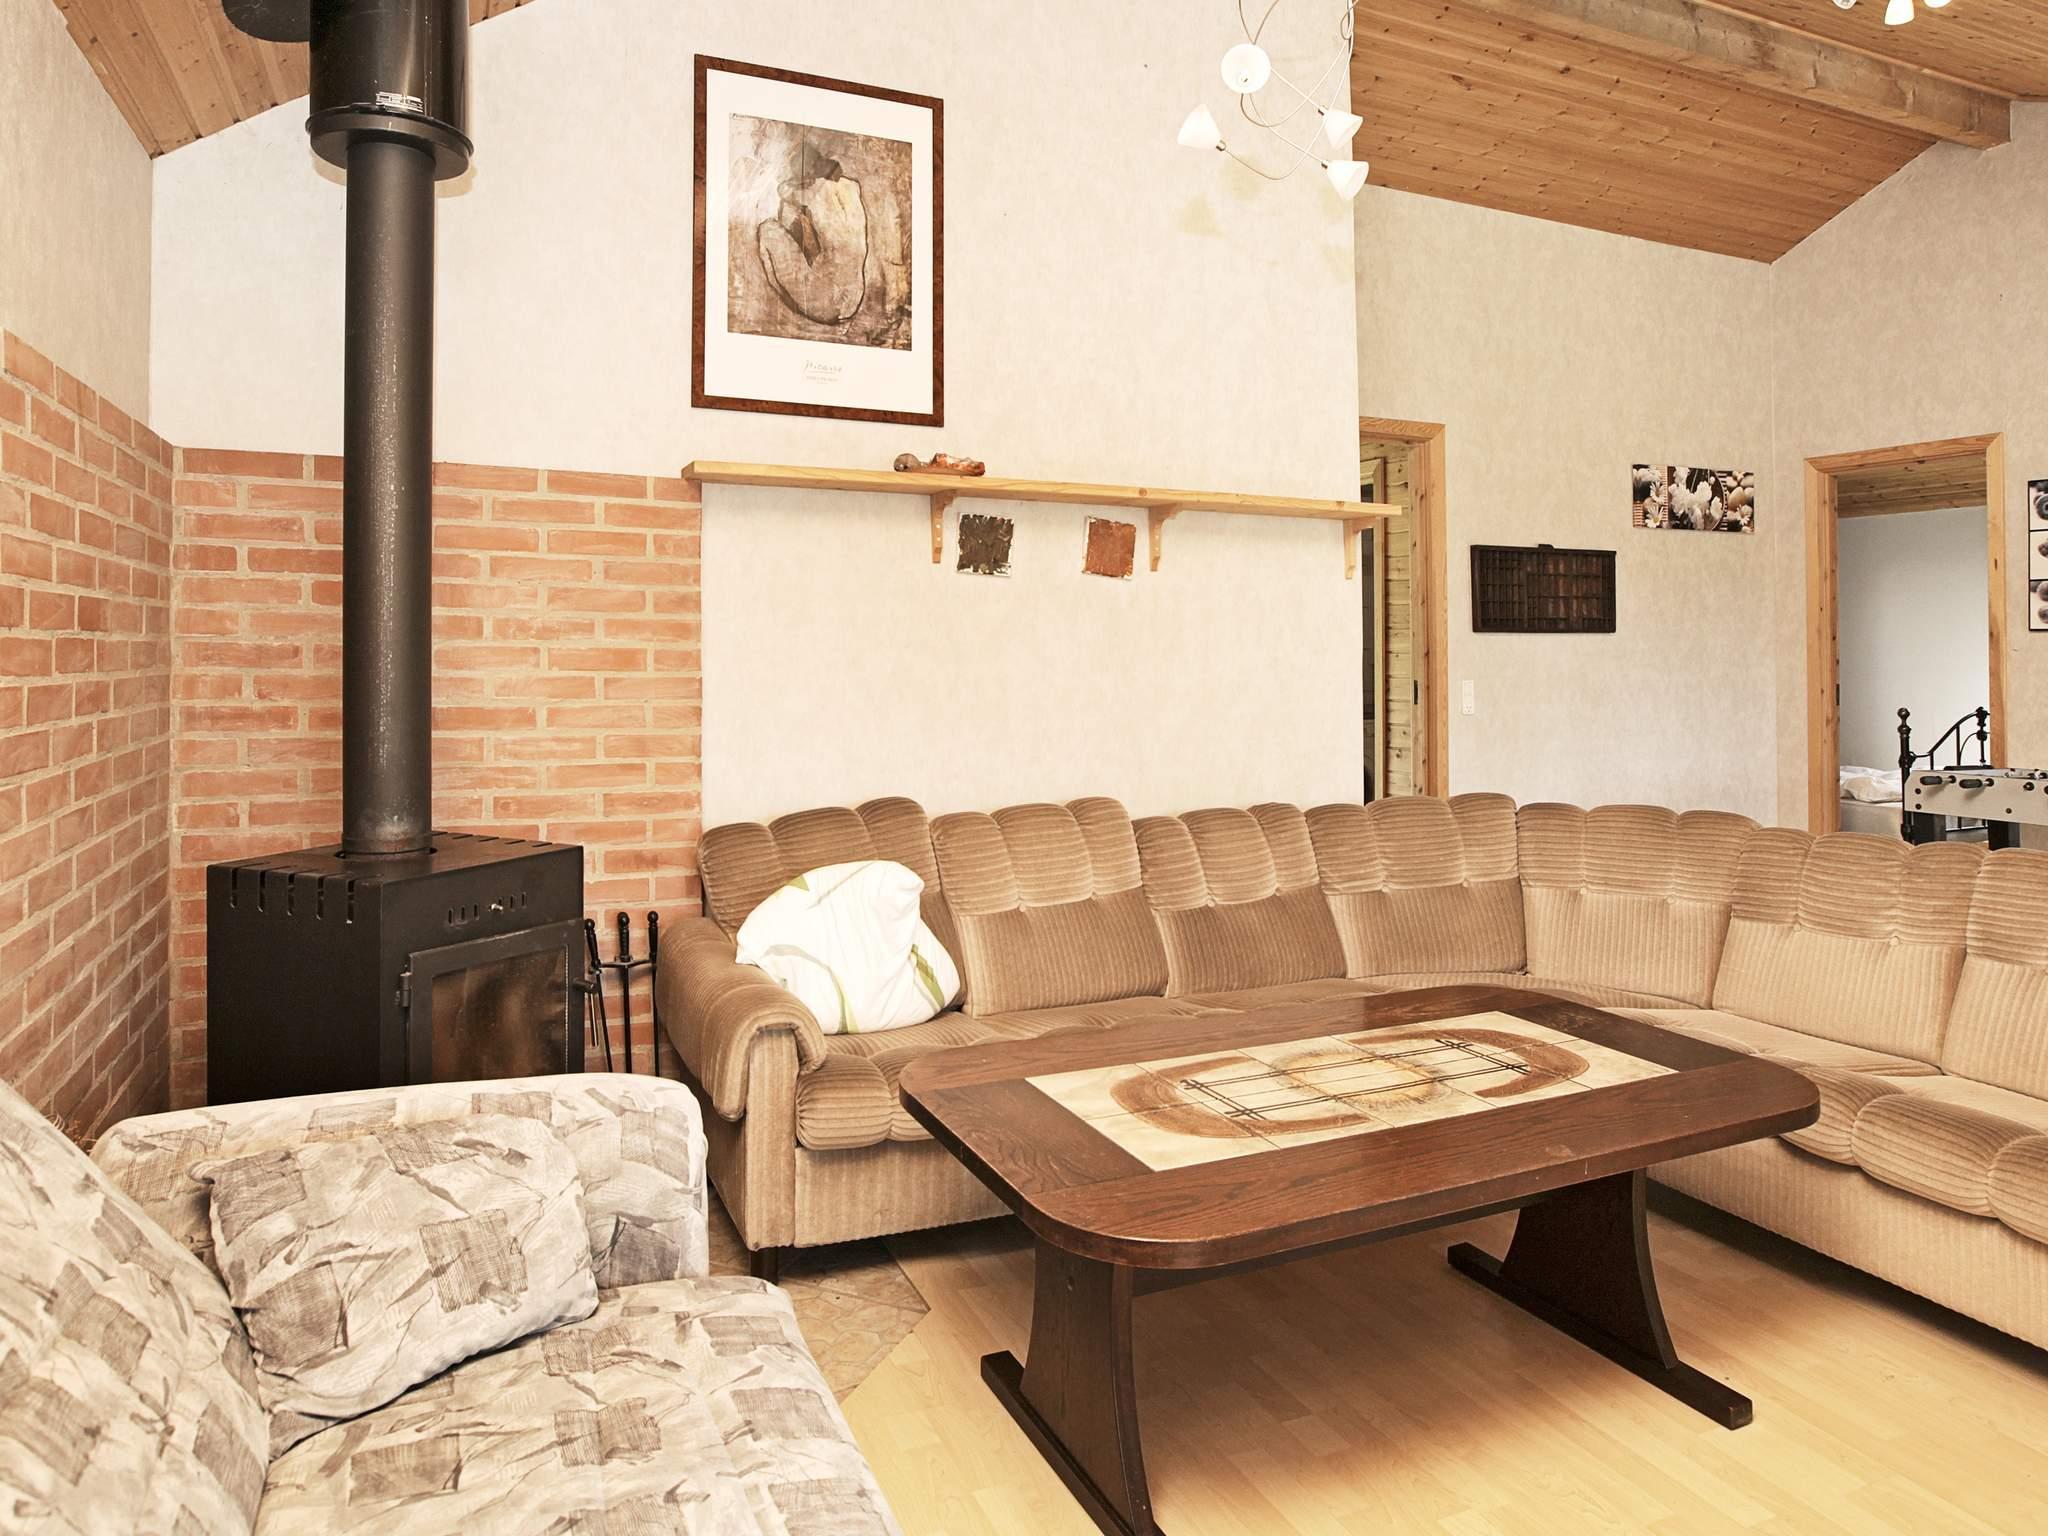 Ferienhaus Tuse Næs (215574), Tuse, , Westseeland, Dänemark, Bild 2